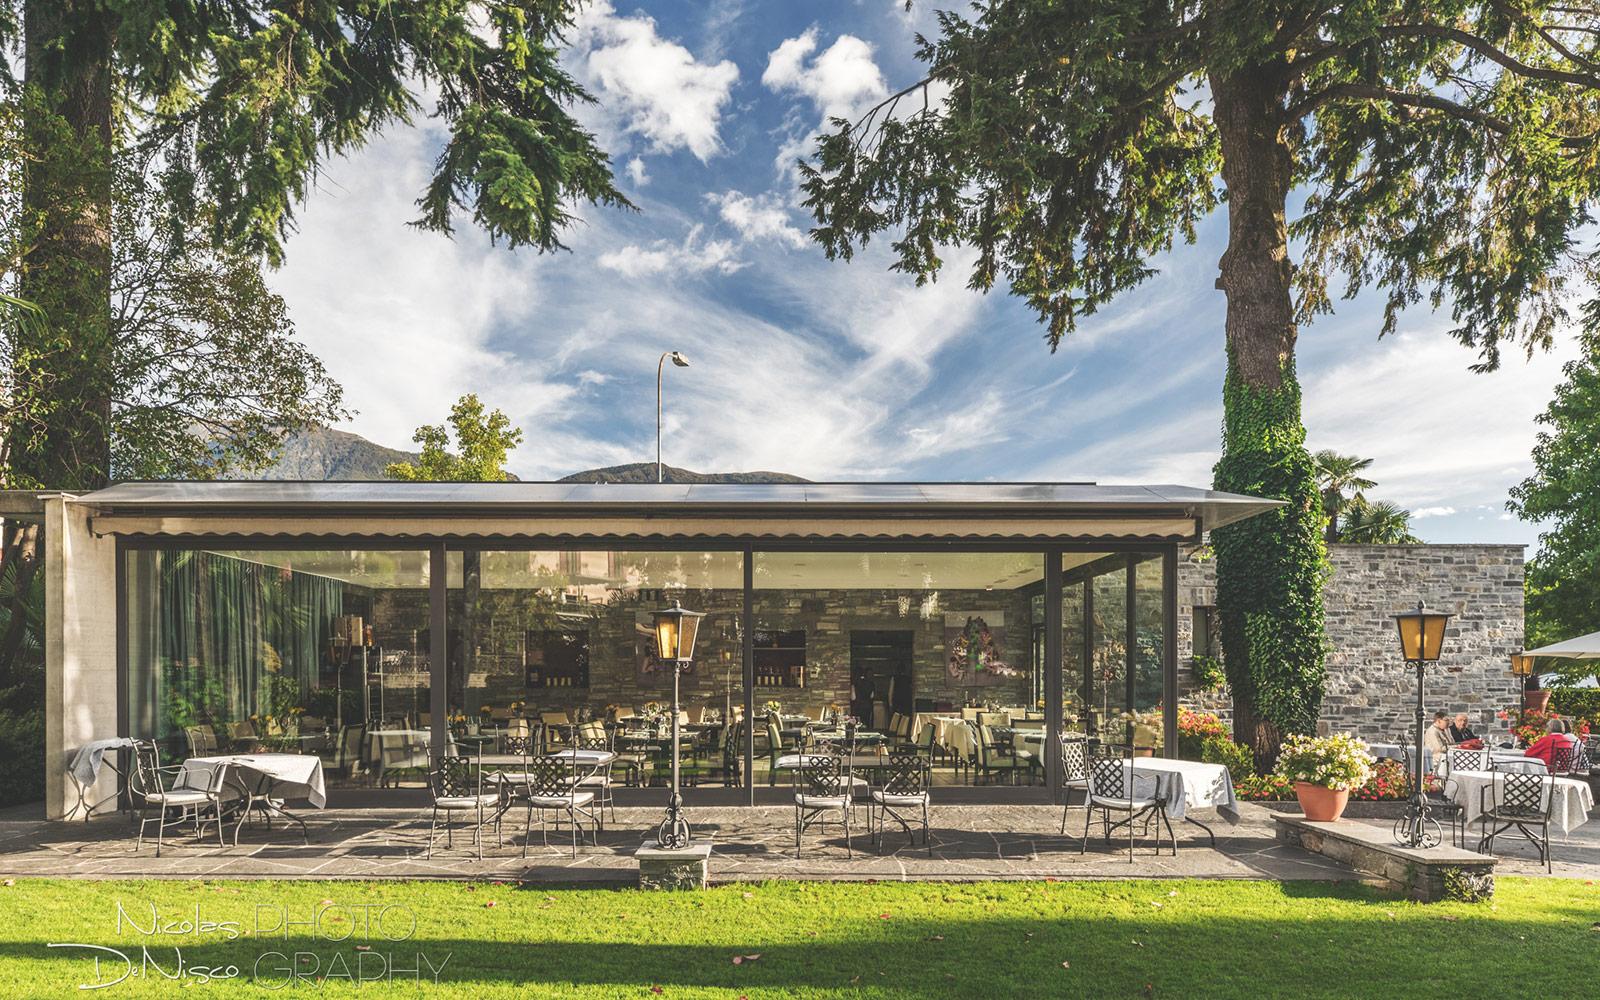 Ristorante al LagoCastello Seeschloss - Ascona